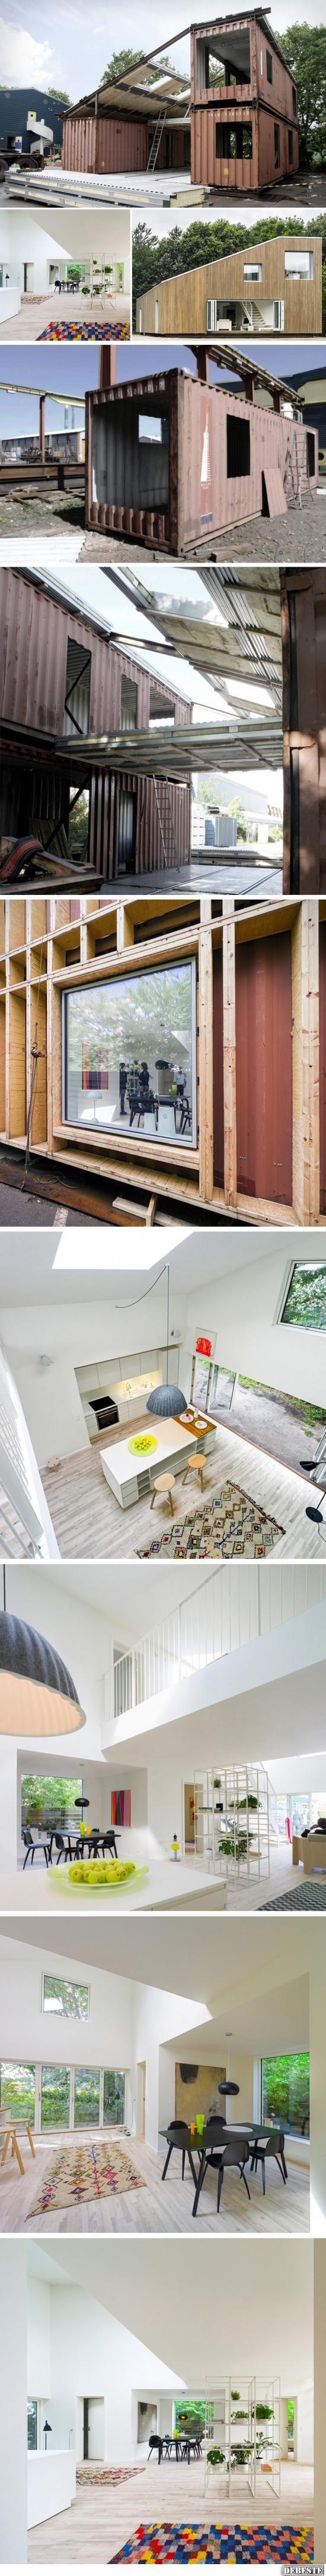 die besten 20 raum ideen auf pinterest. Black Bedroom Furniture Sets. Home Design Ideas